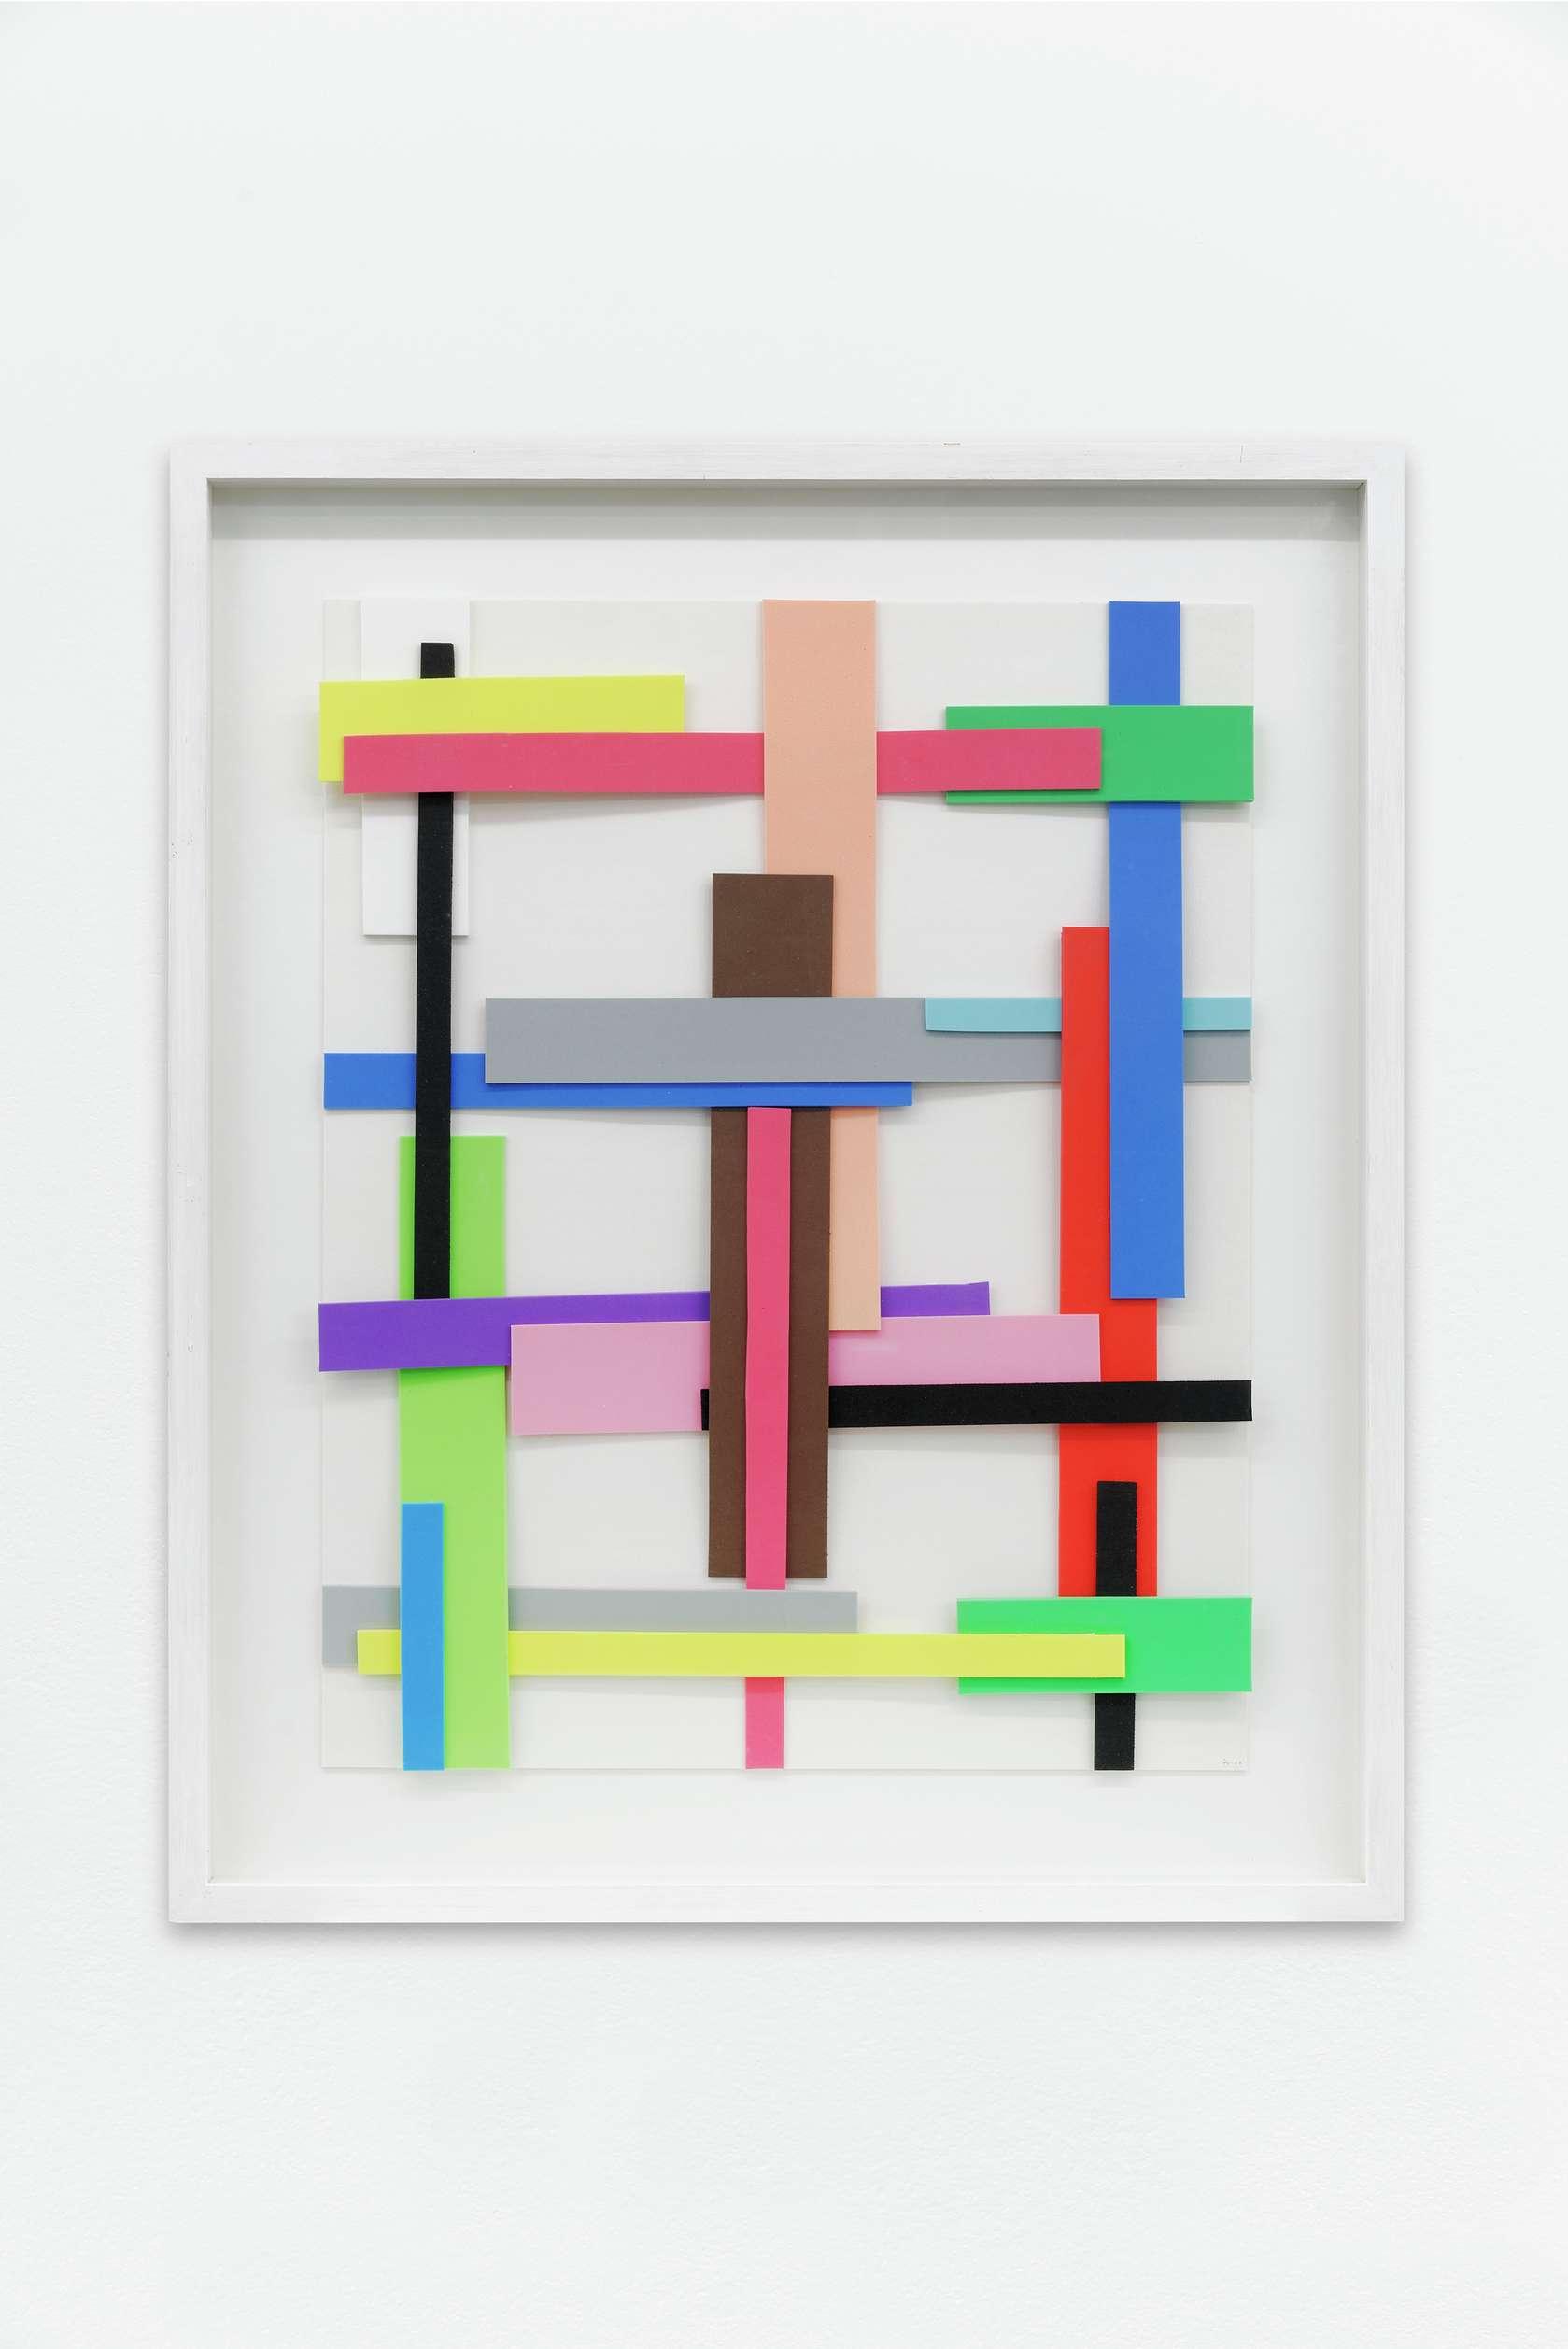 Beat Zoderer, Kreuzweise, 2000 Mousse, agrafes62 × 51 cm / 24 3/8 × 20 1/8 in.